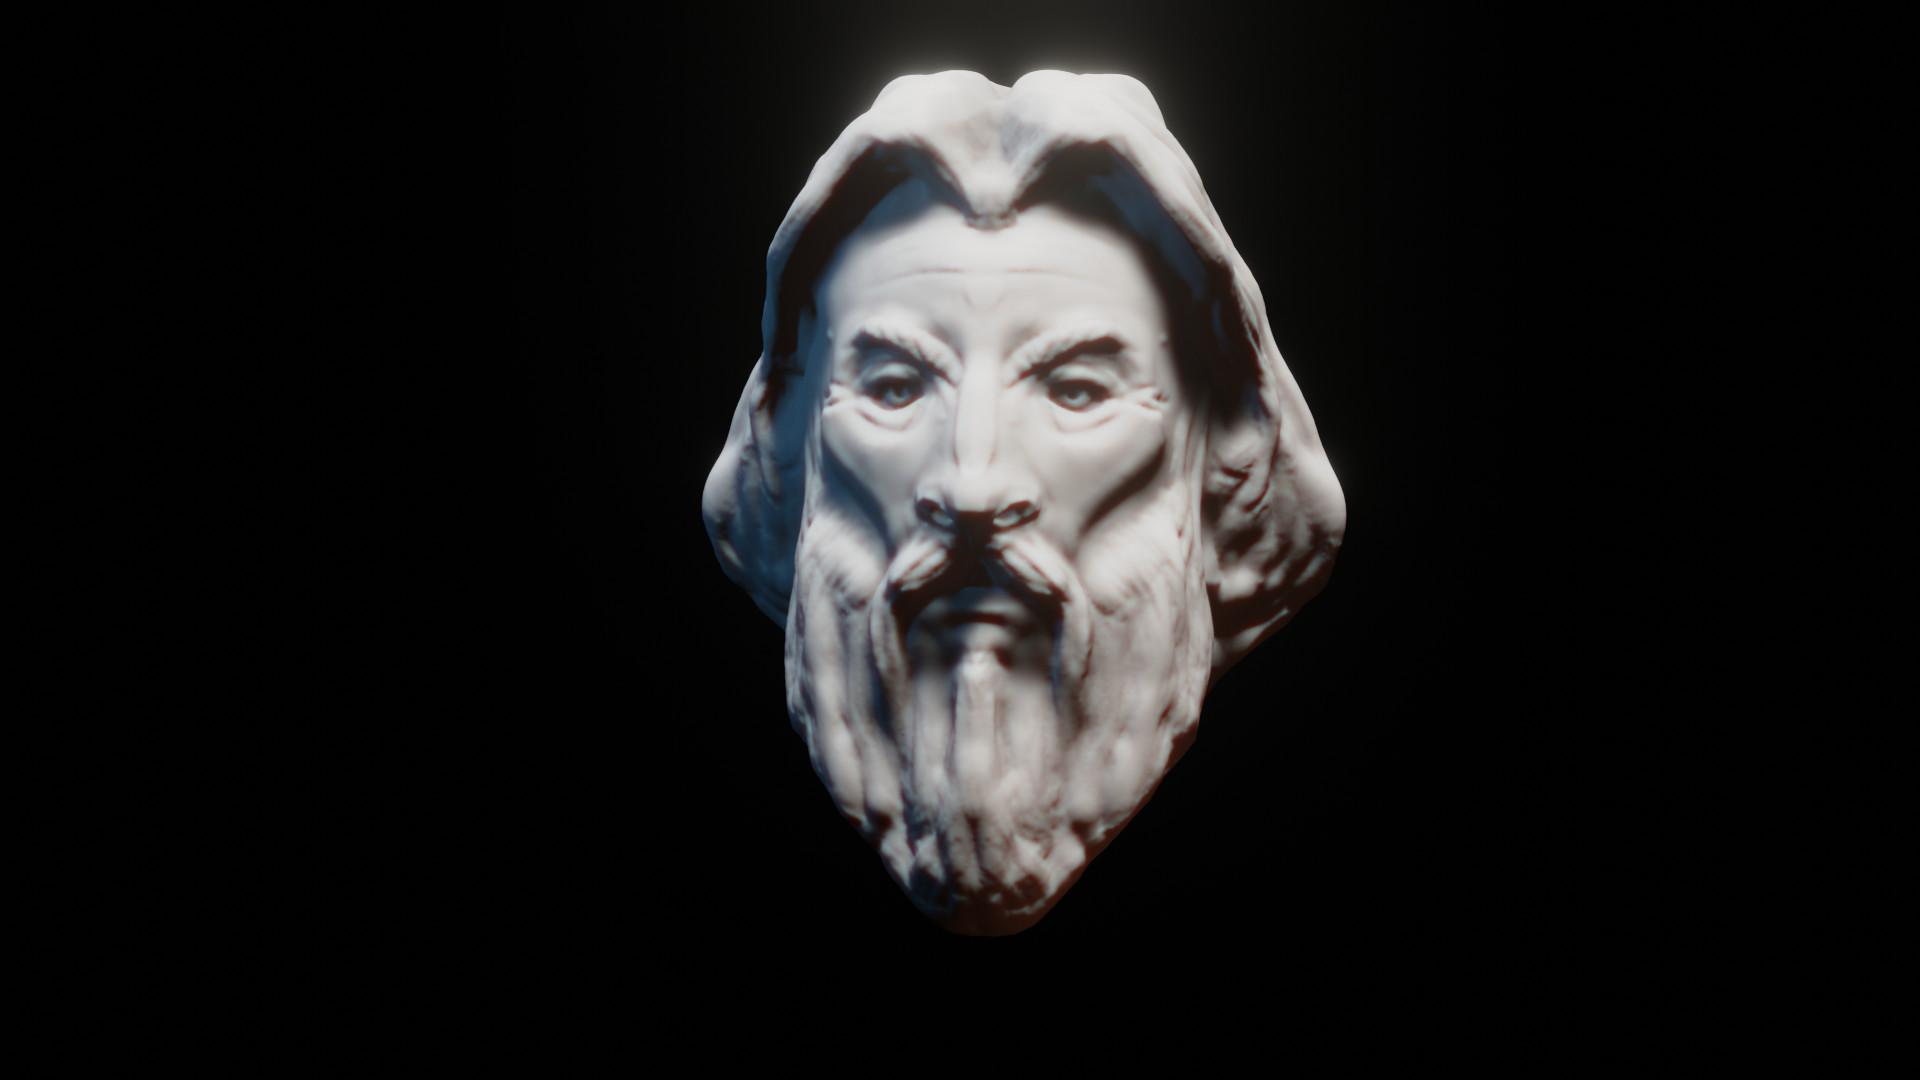 Laurent vermeersch beared